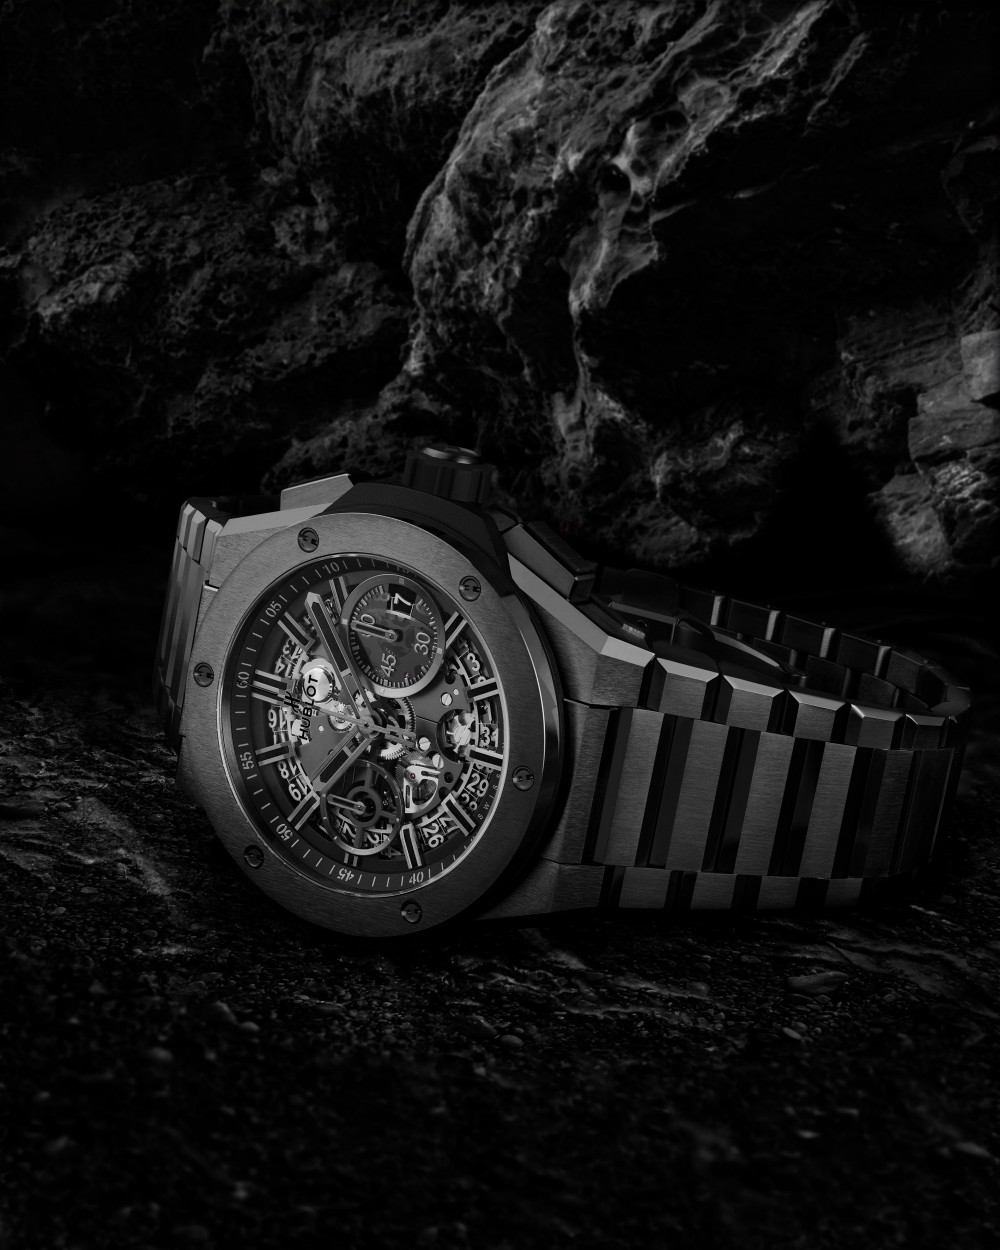 父親節想要聊表心意?POPLADY編輯推薦八款精緻時尚的腕錶!